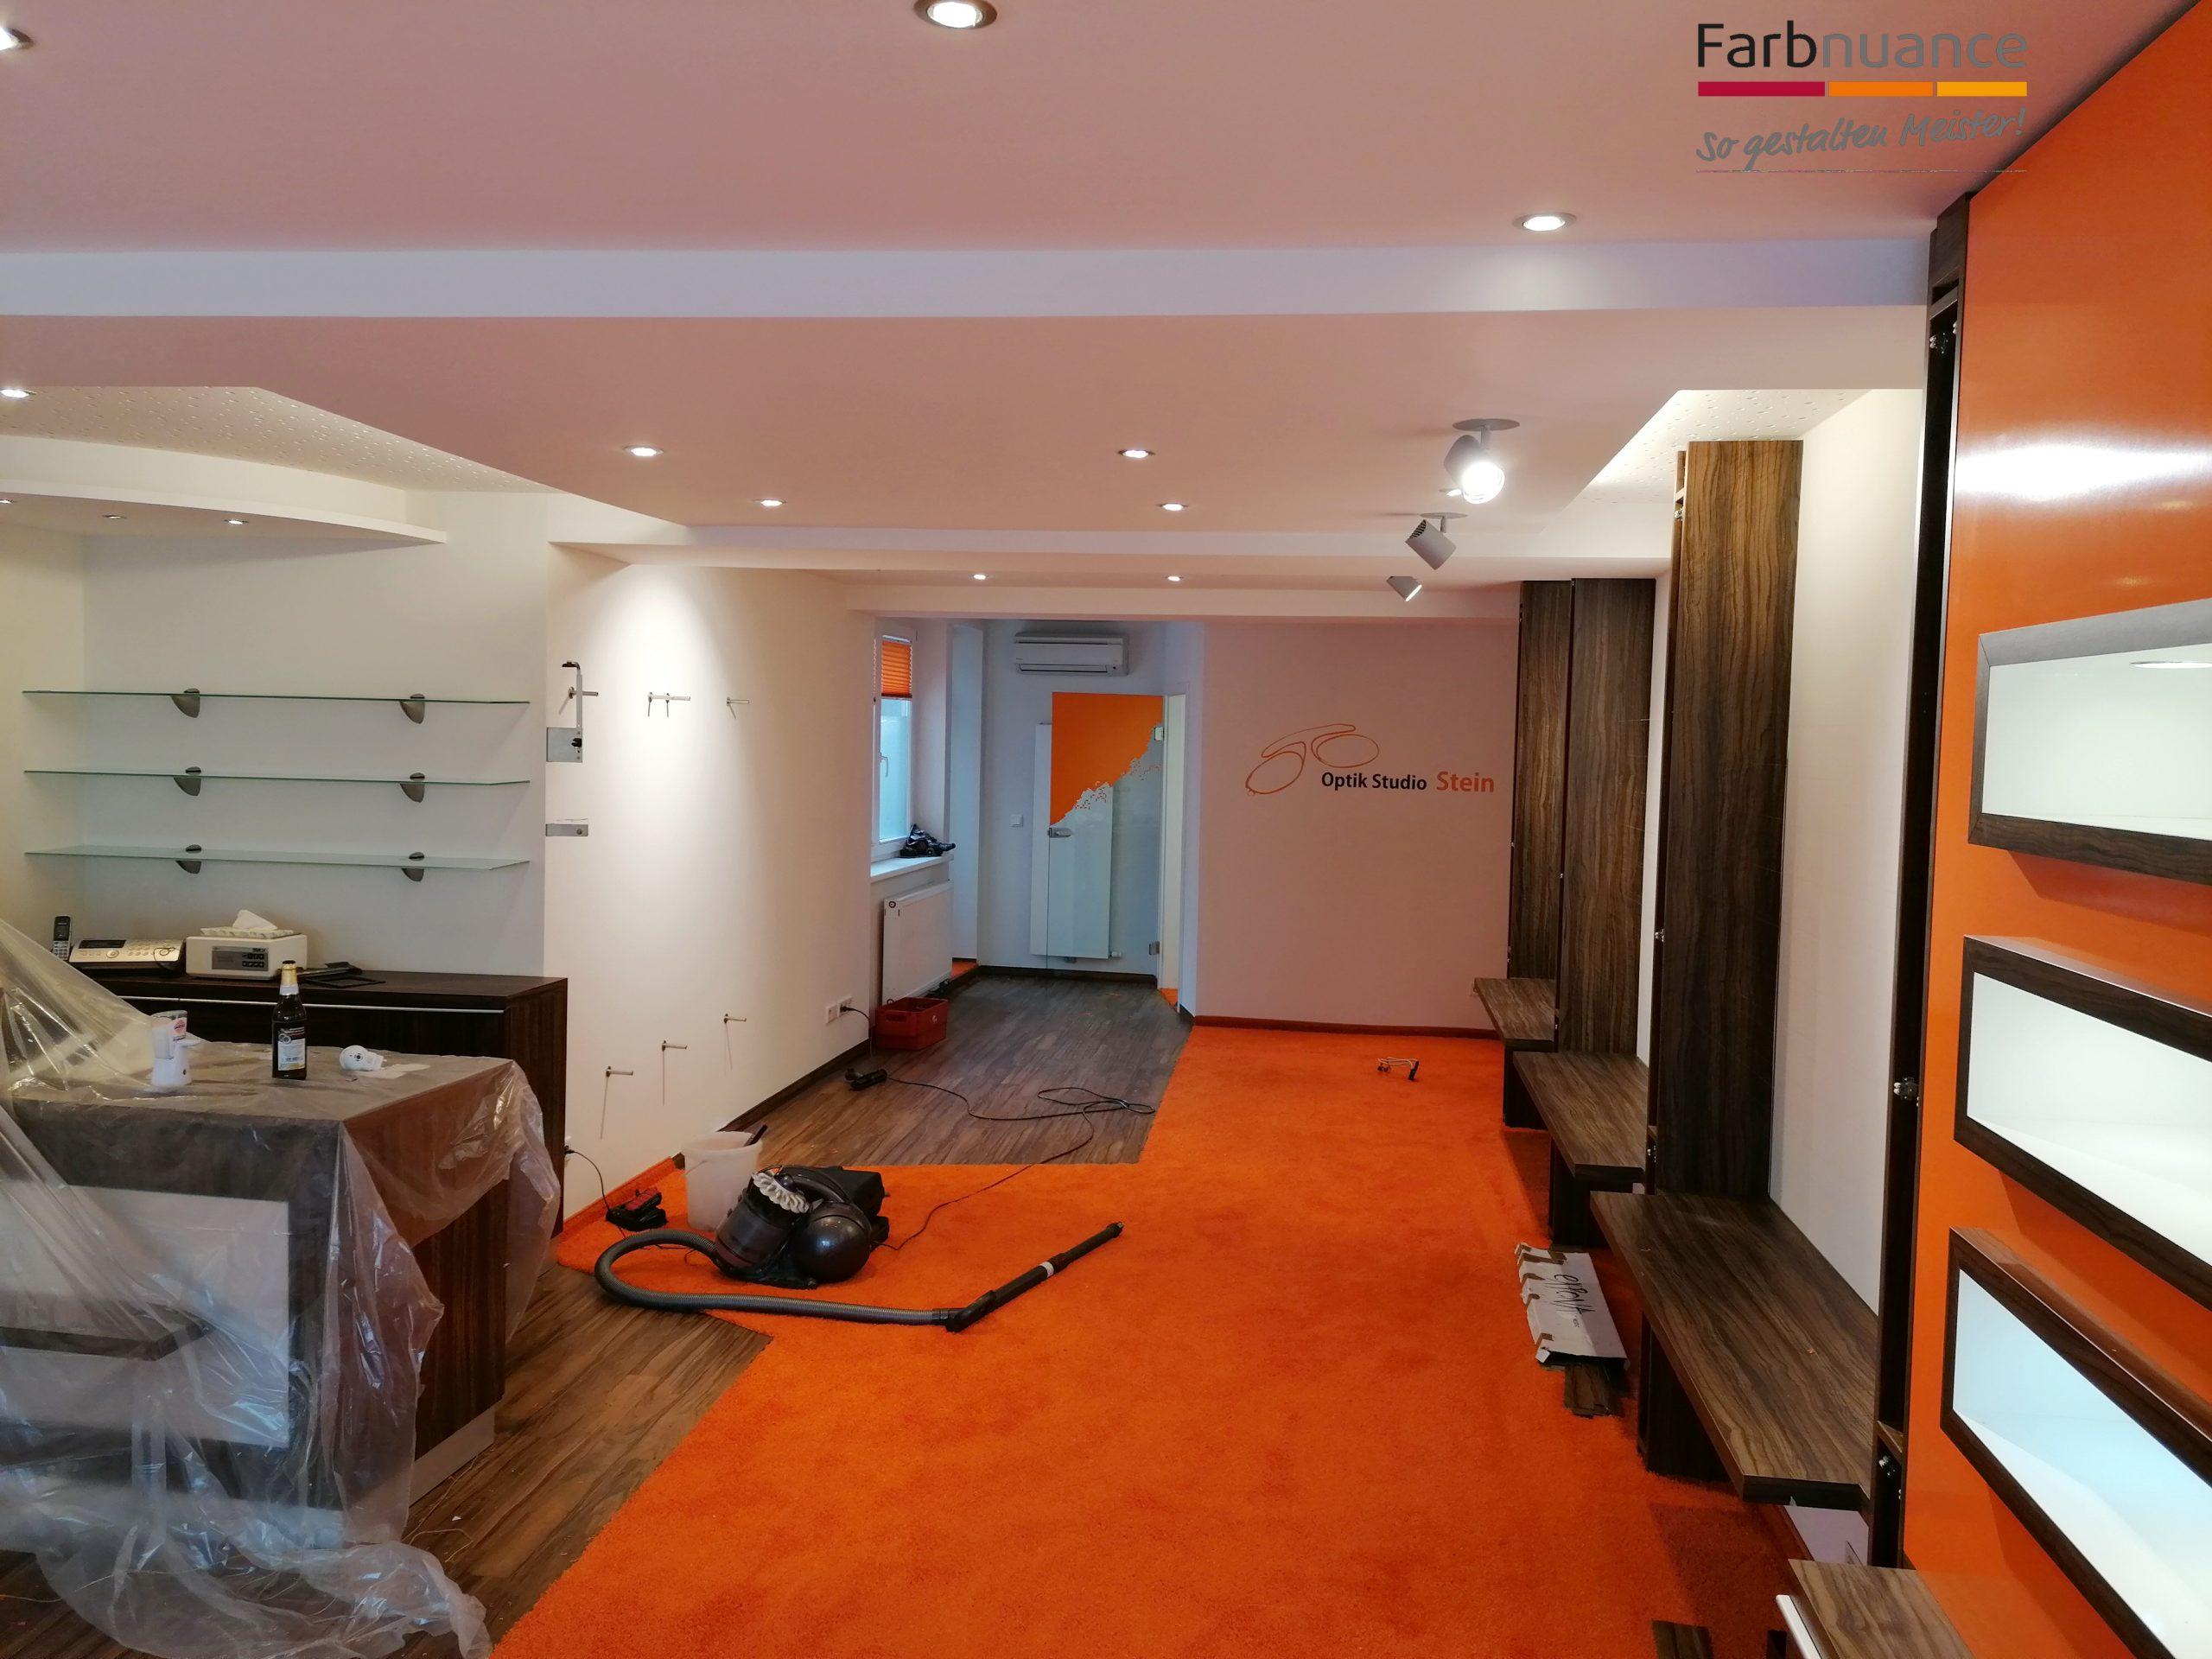 Farbnuance,Maler,Malerbestrieb,Malerfachbetrieb,Pirna,streichen,Renovierung,Tapete,Folie (3)